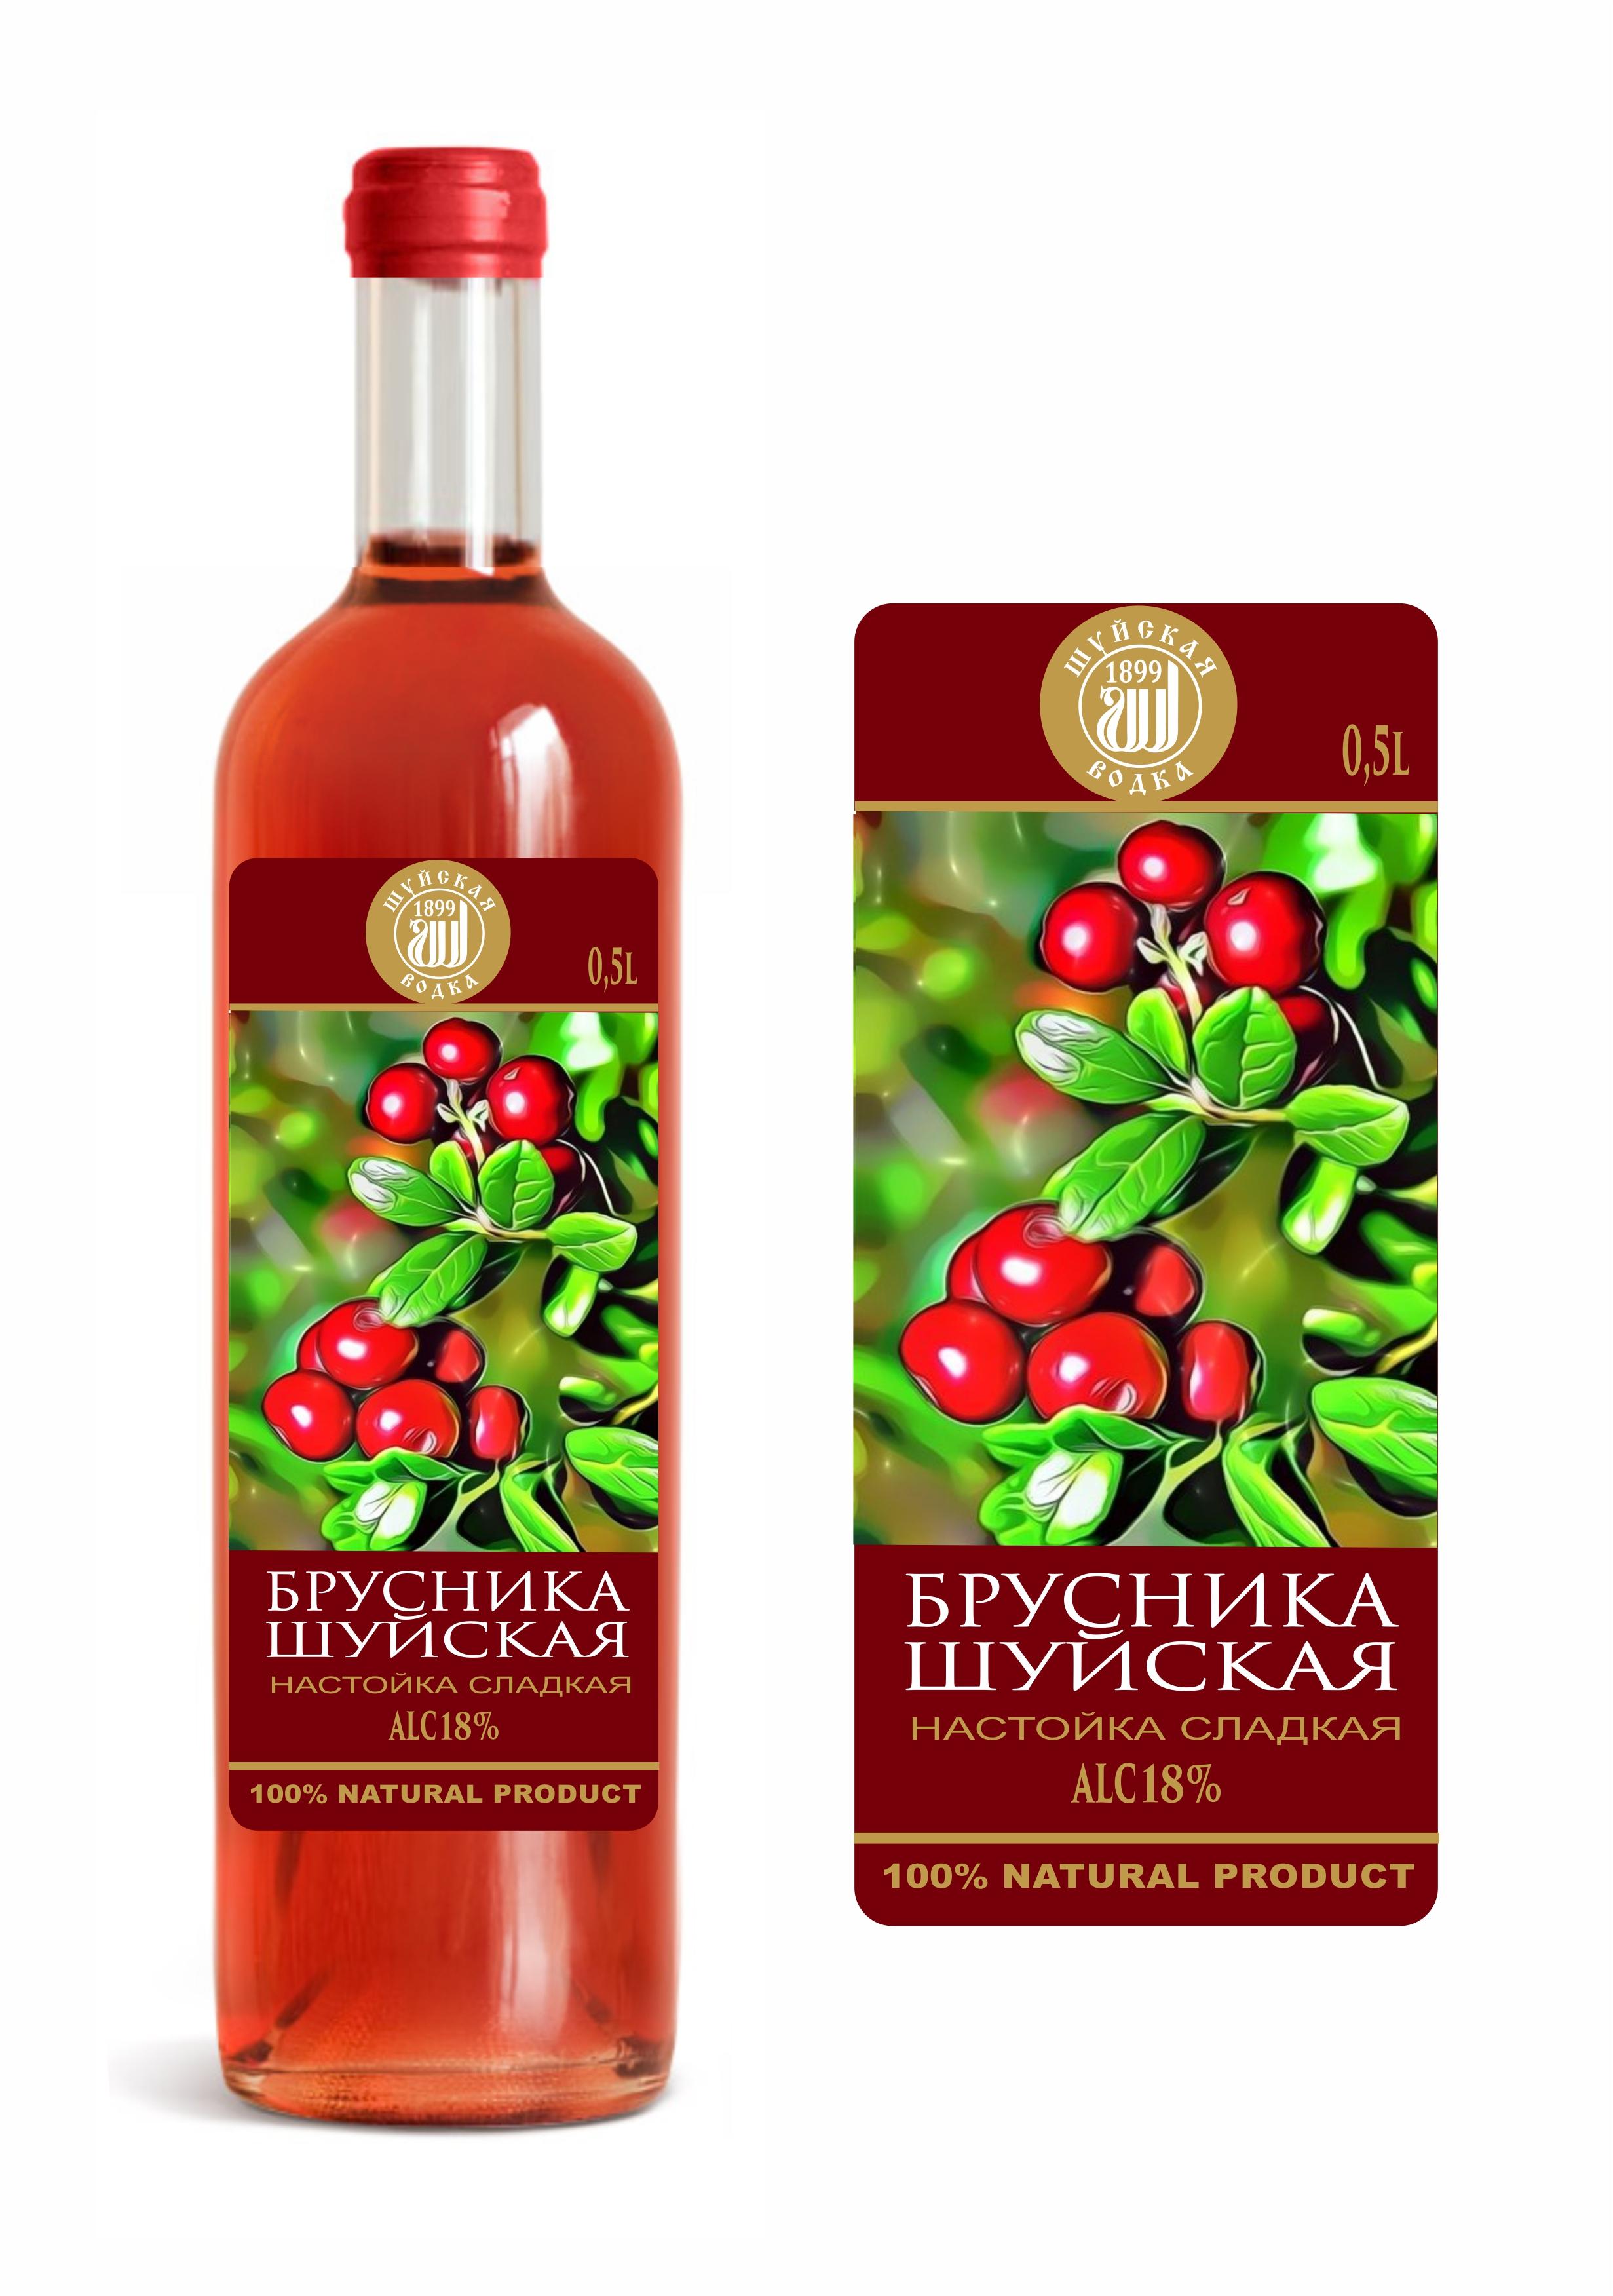 Дизайн этикетки алкогольного продукта (сладкая настойка) фото f_1945f87c0e408166.jpg